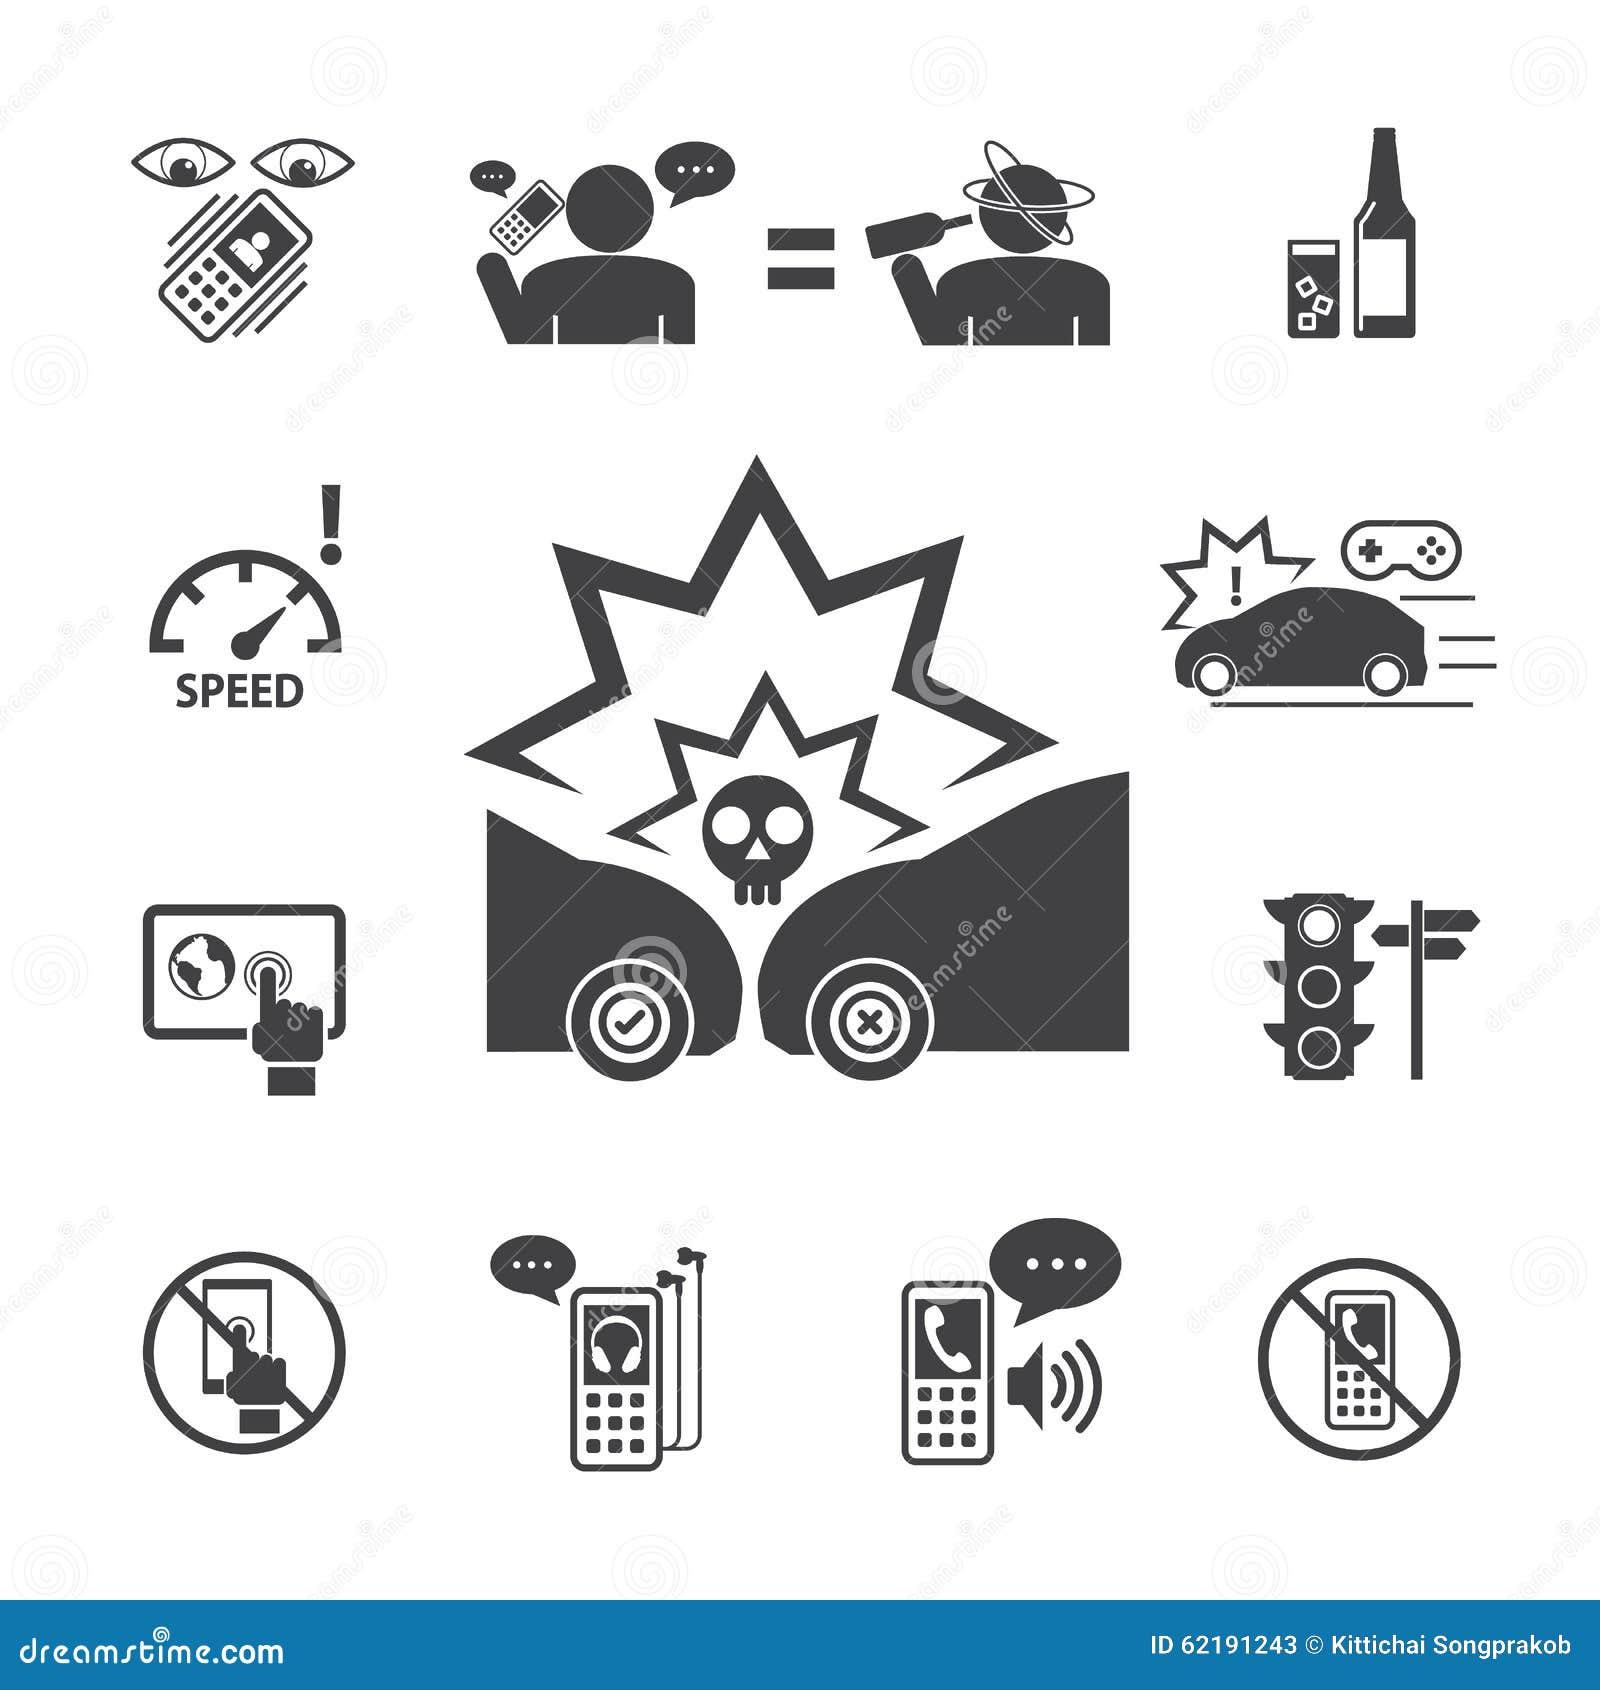 Använd inte din telefon, medan köra